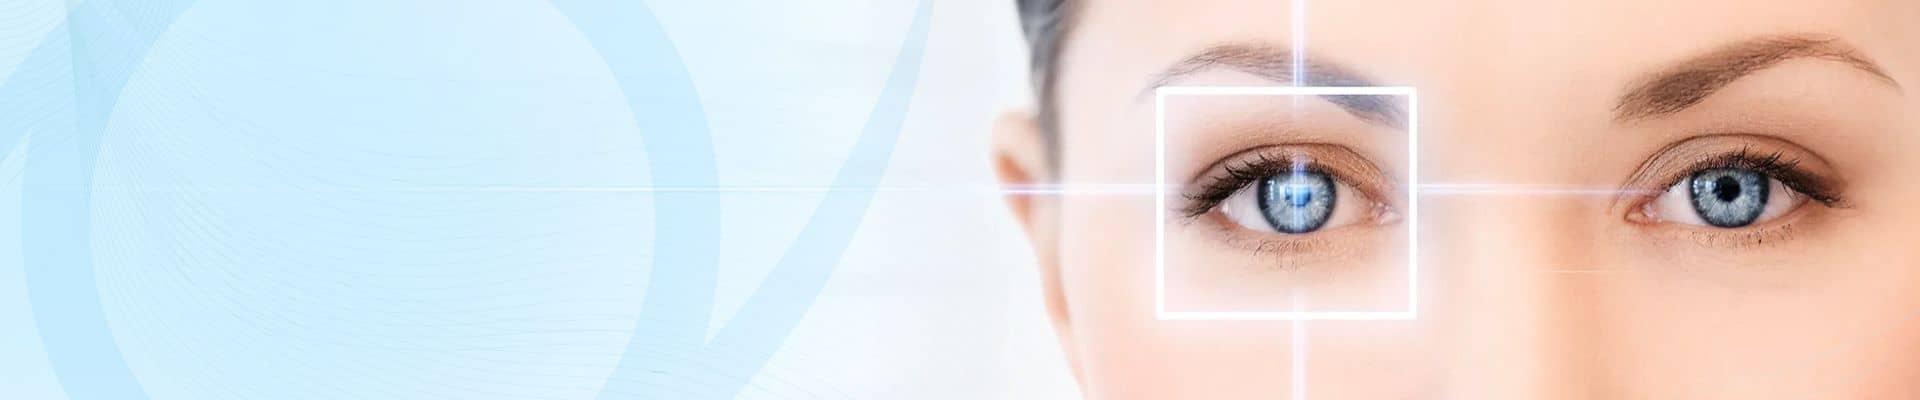 szürkehályog műtét utáni látáscsökkenés finom nyomtatás és látás